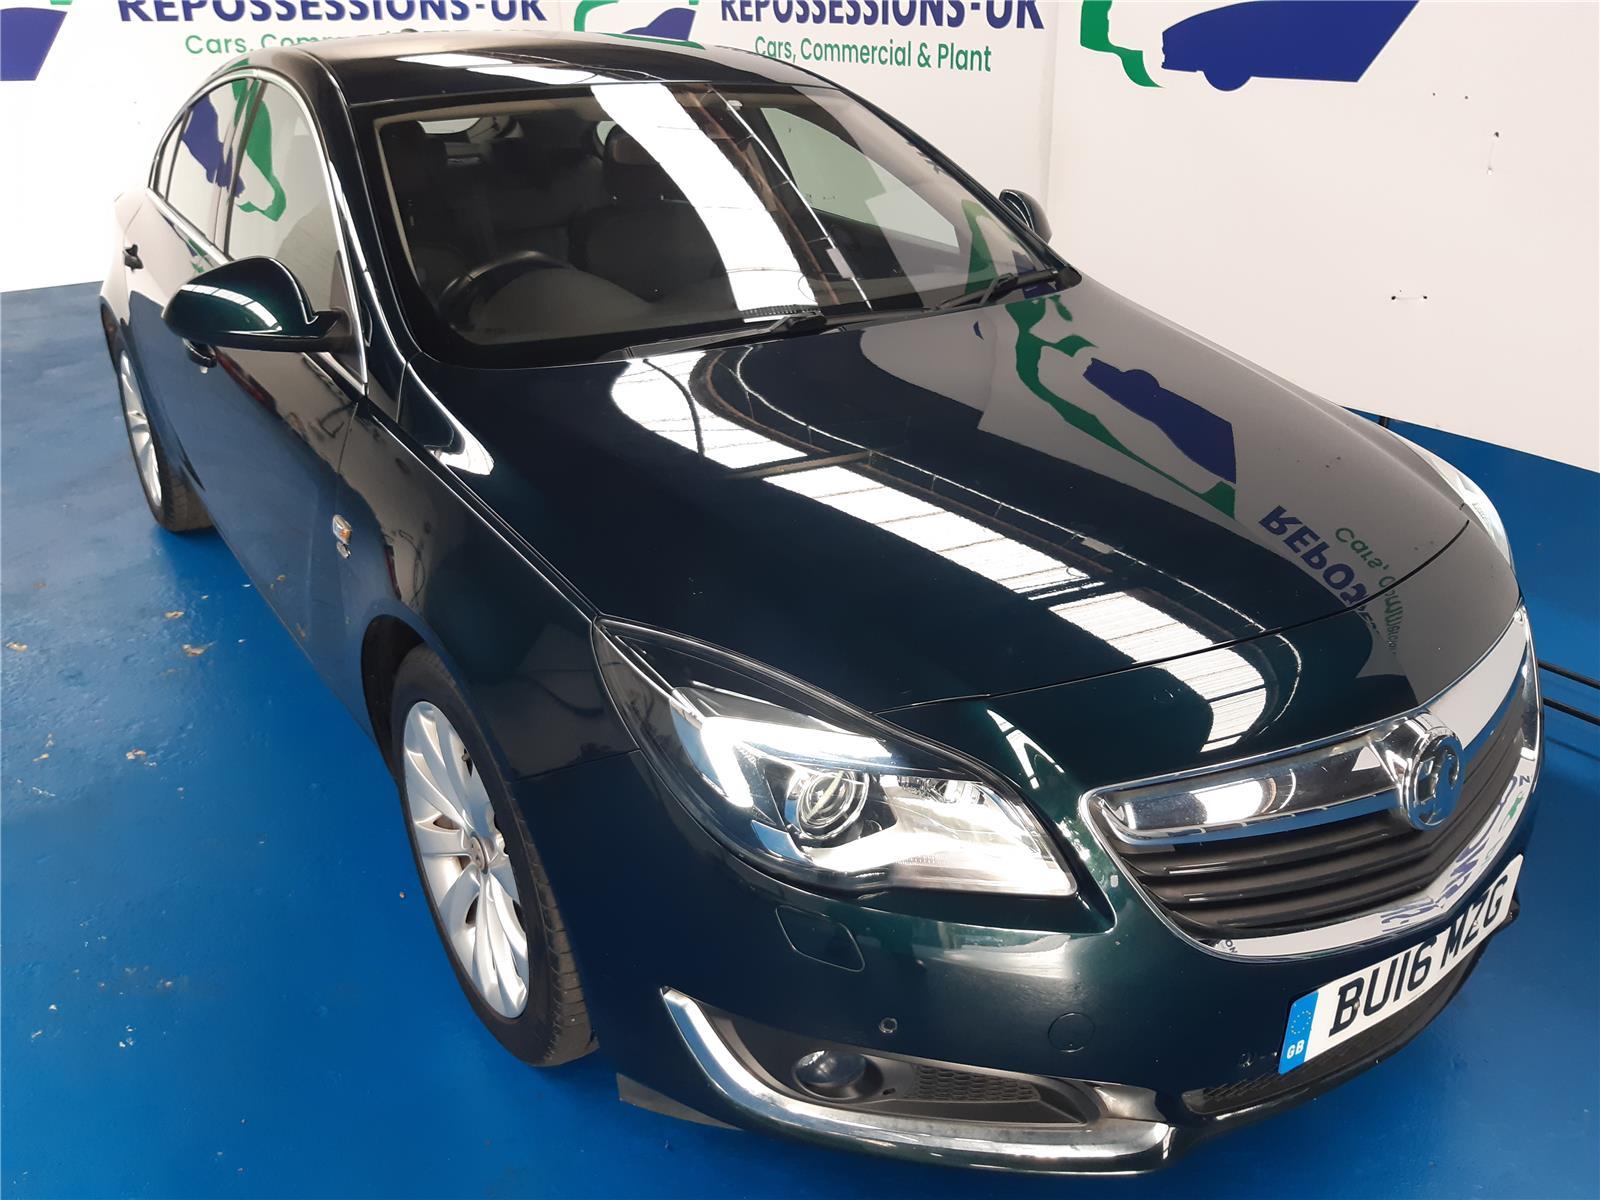 2016 VAUXHALL INSIGNIA ELITE NAV CDTI ECOFLEX S/S 1598 DIESEL MANUAL 6 Speed 5 DOOR HATCHBACK